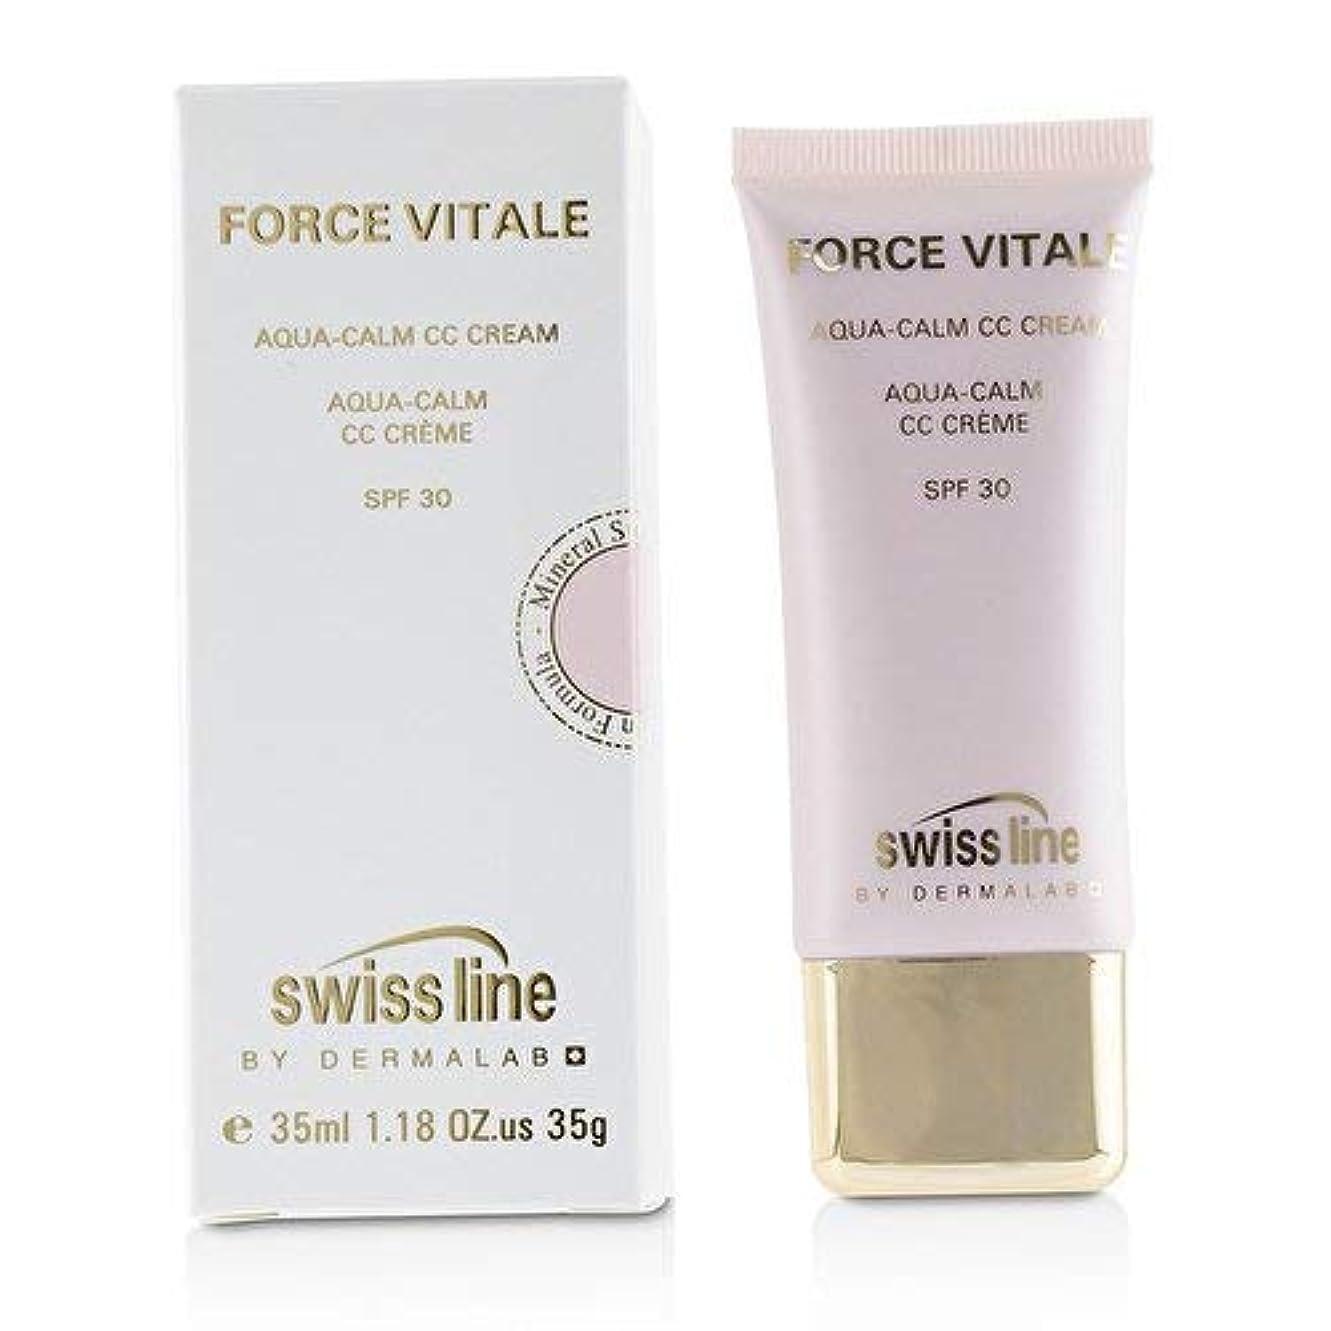 賢明な町ファランクススイスライン Force Vitale Aqua-Calm CC Cream SPF30 - Beige 20 -並行輸入品